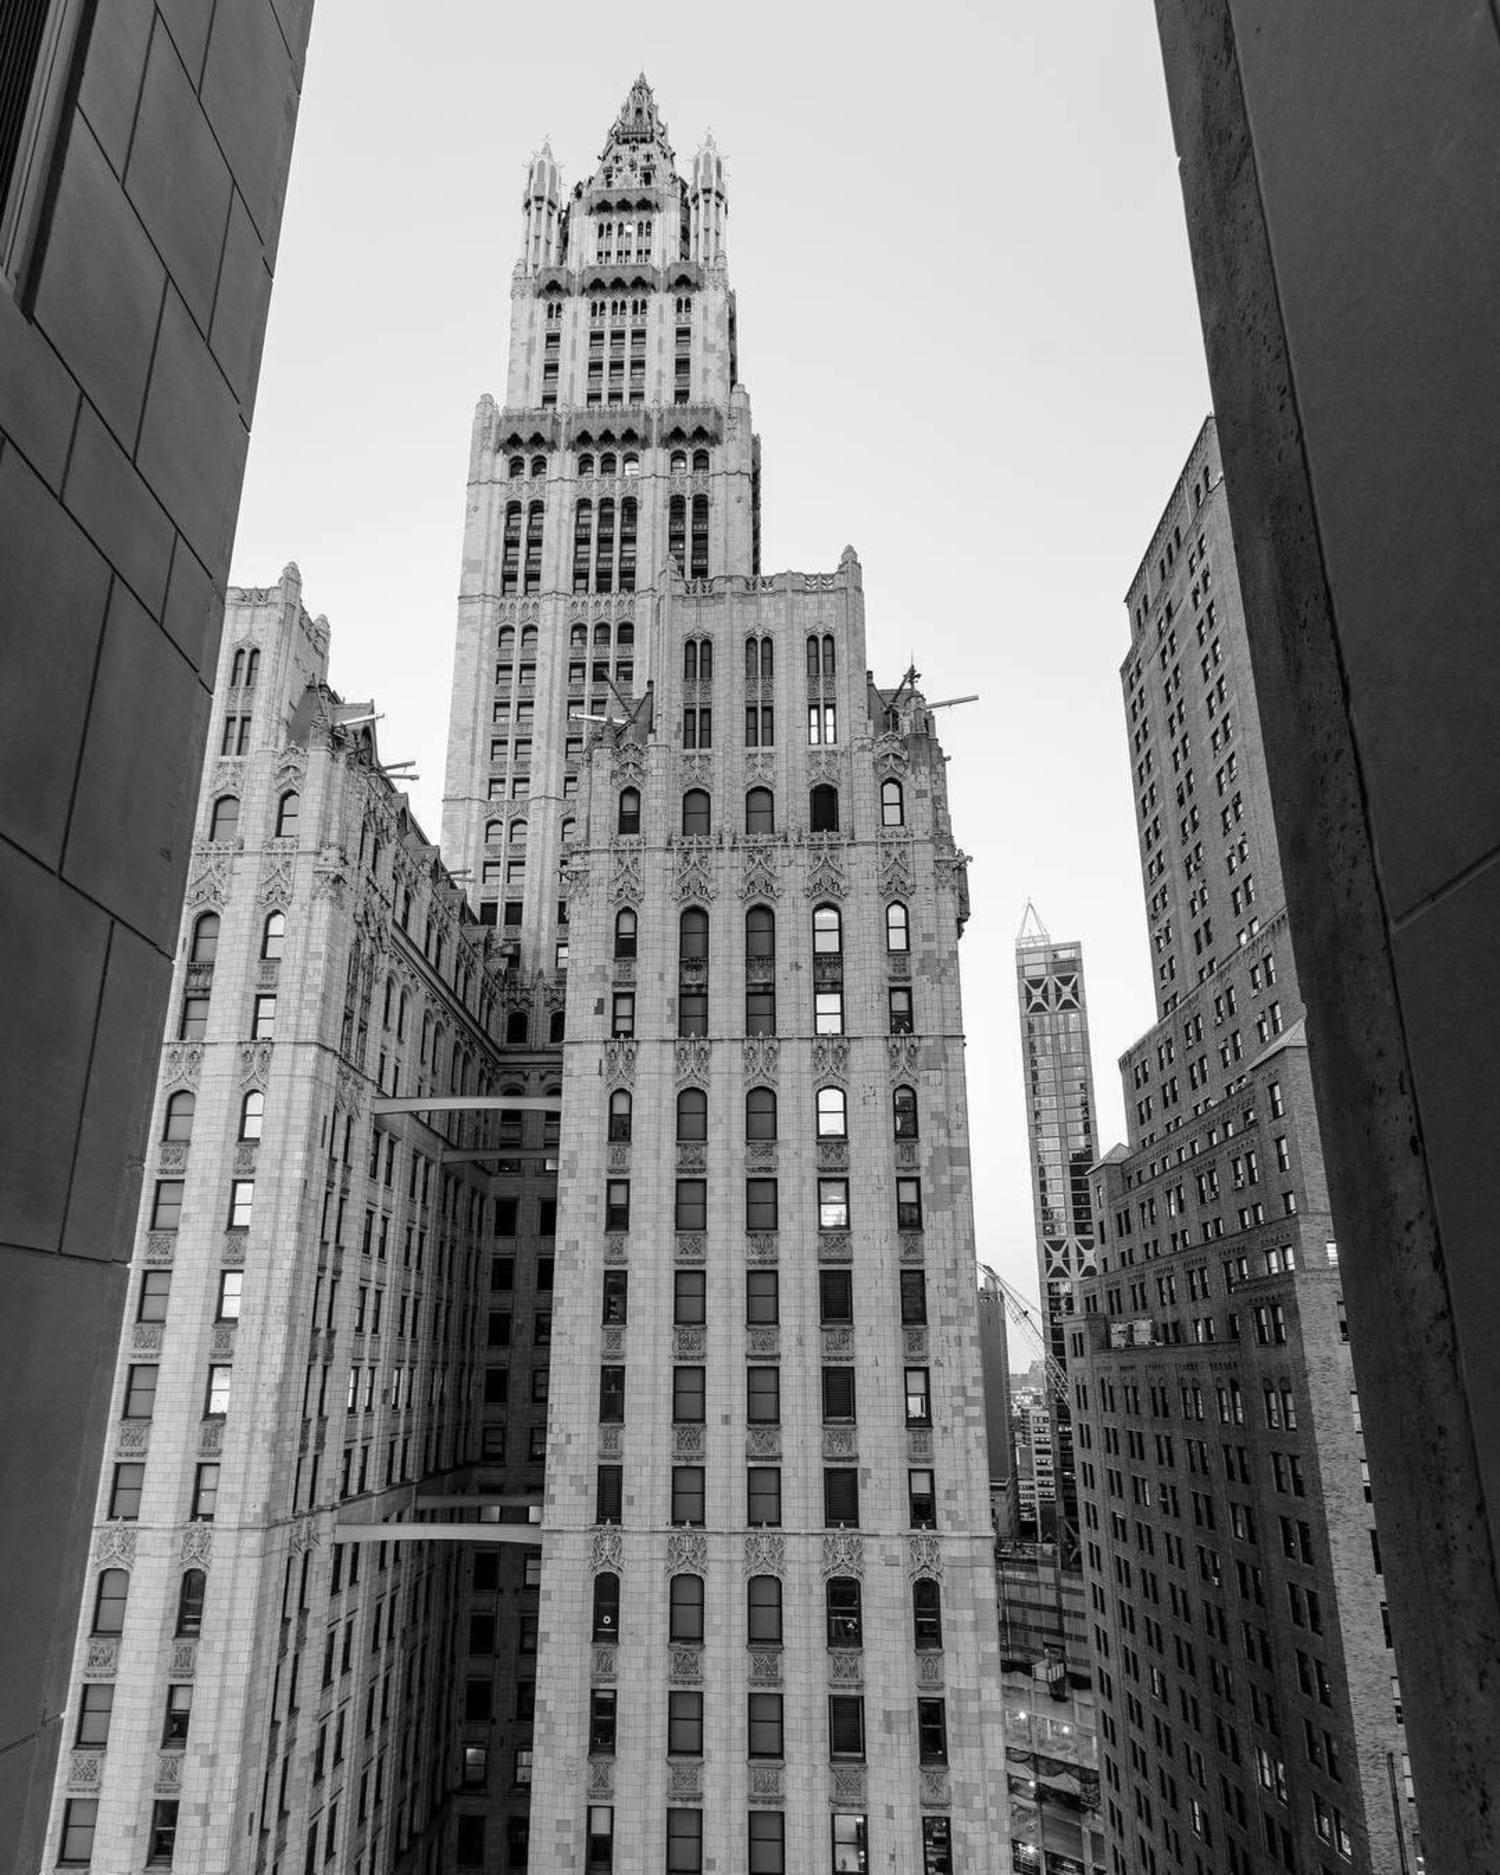 New York, New York. Photo via @chief770 #viewingnyc #newyork #newyorkcity #nyc